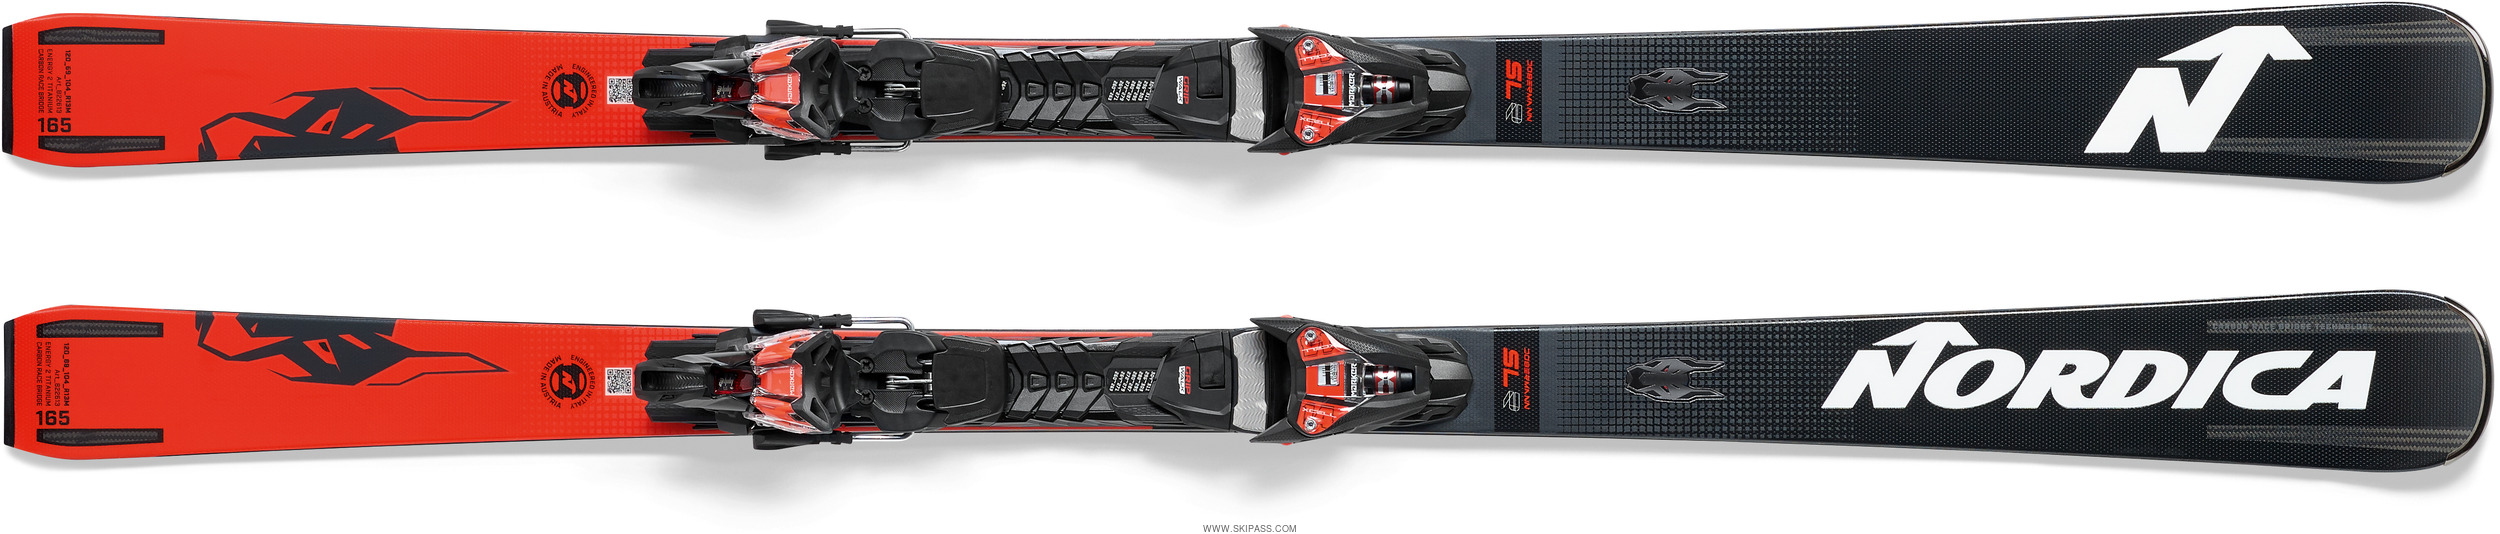 Nordica Dobermann SLR RB Fdt